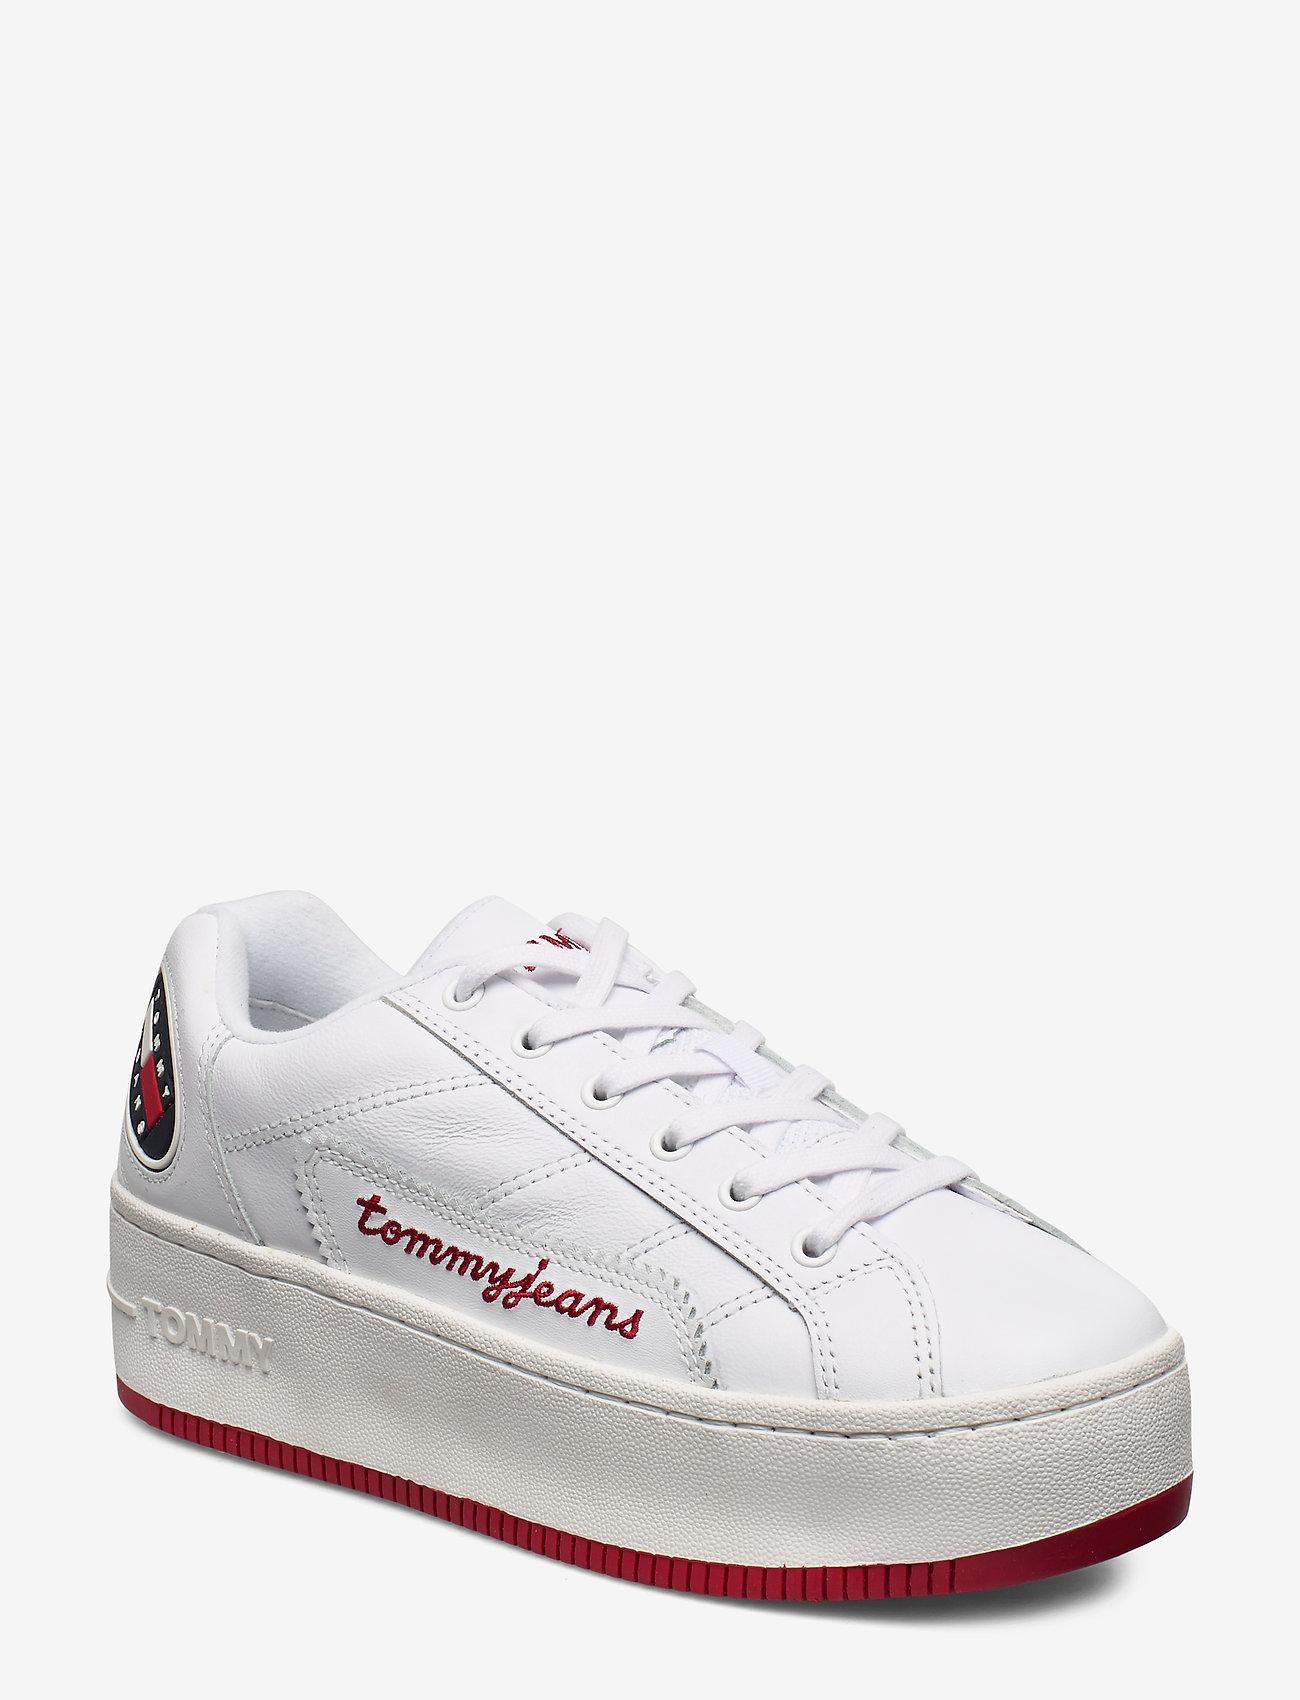 Retro Icon Sneaker (White) (59.50